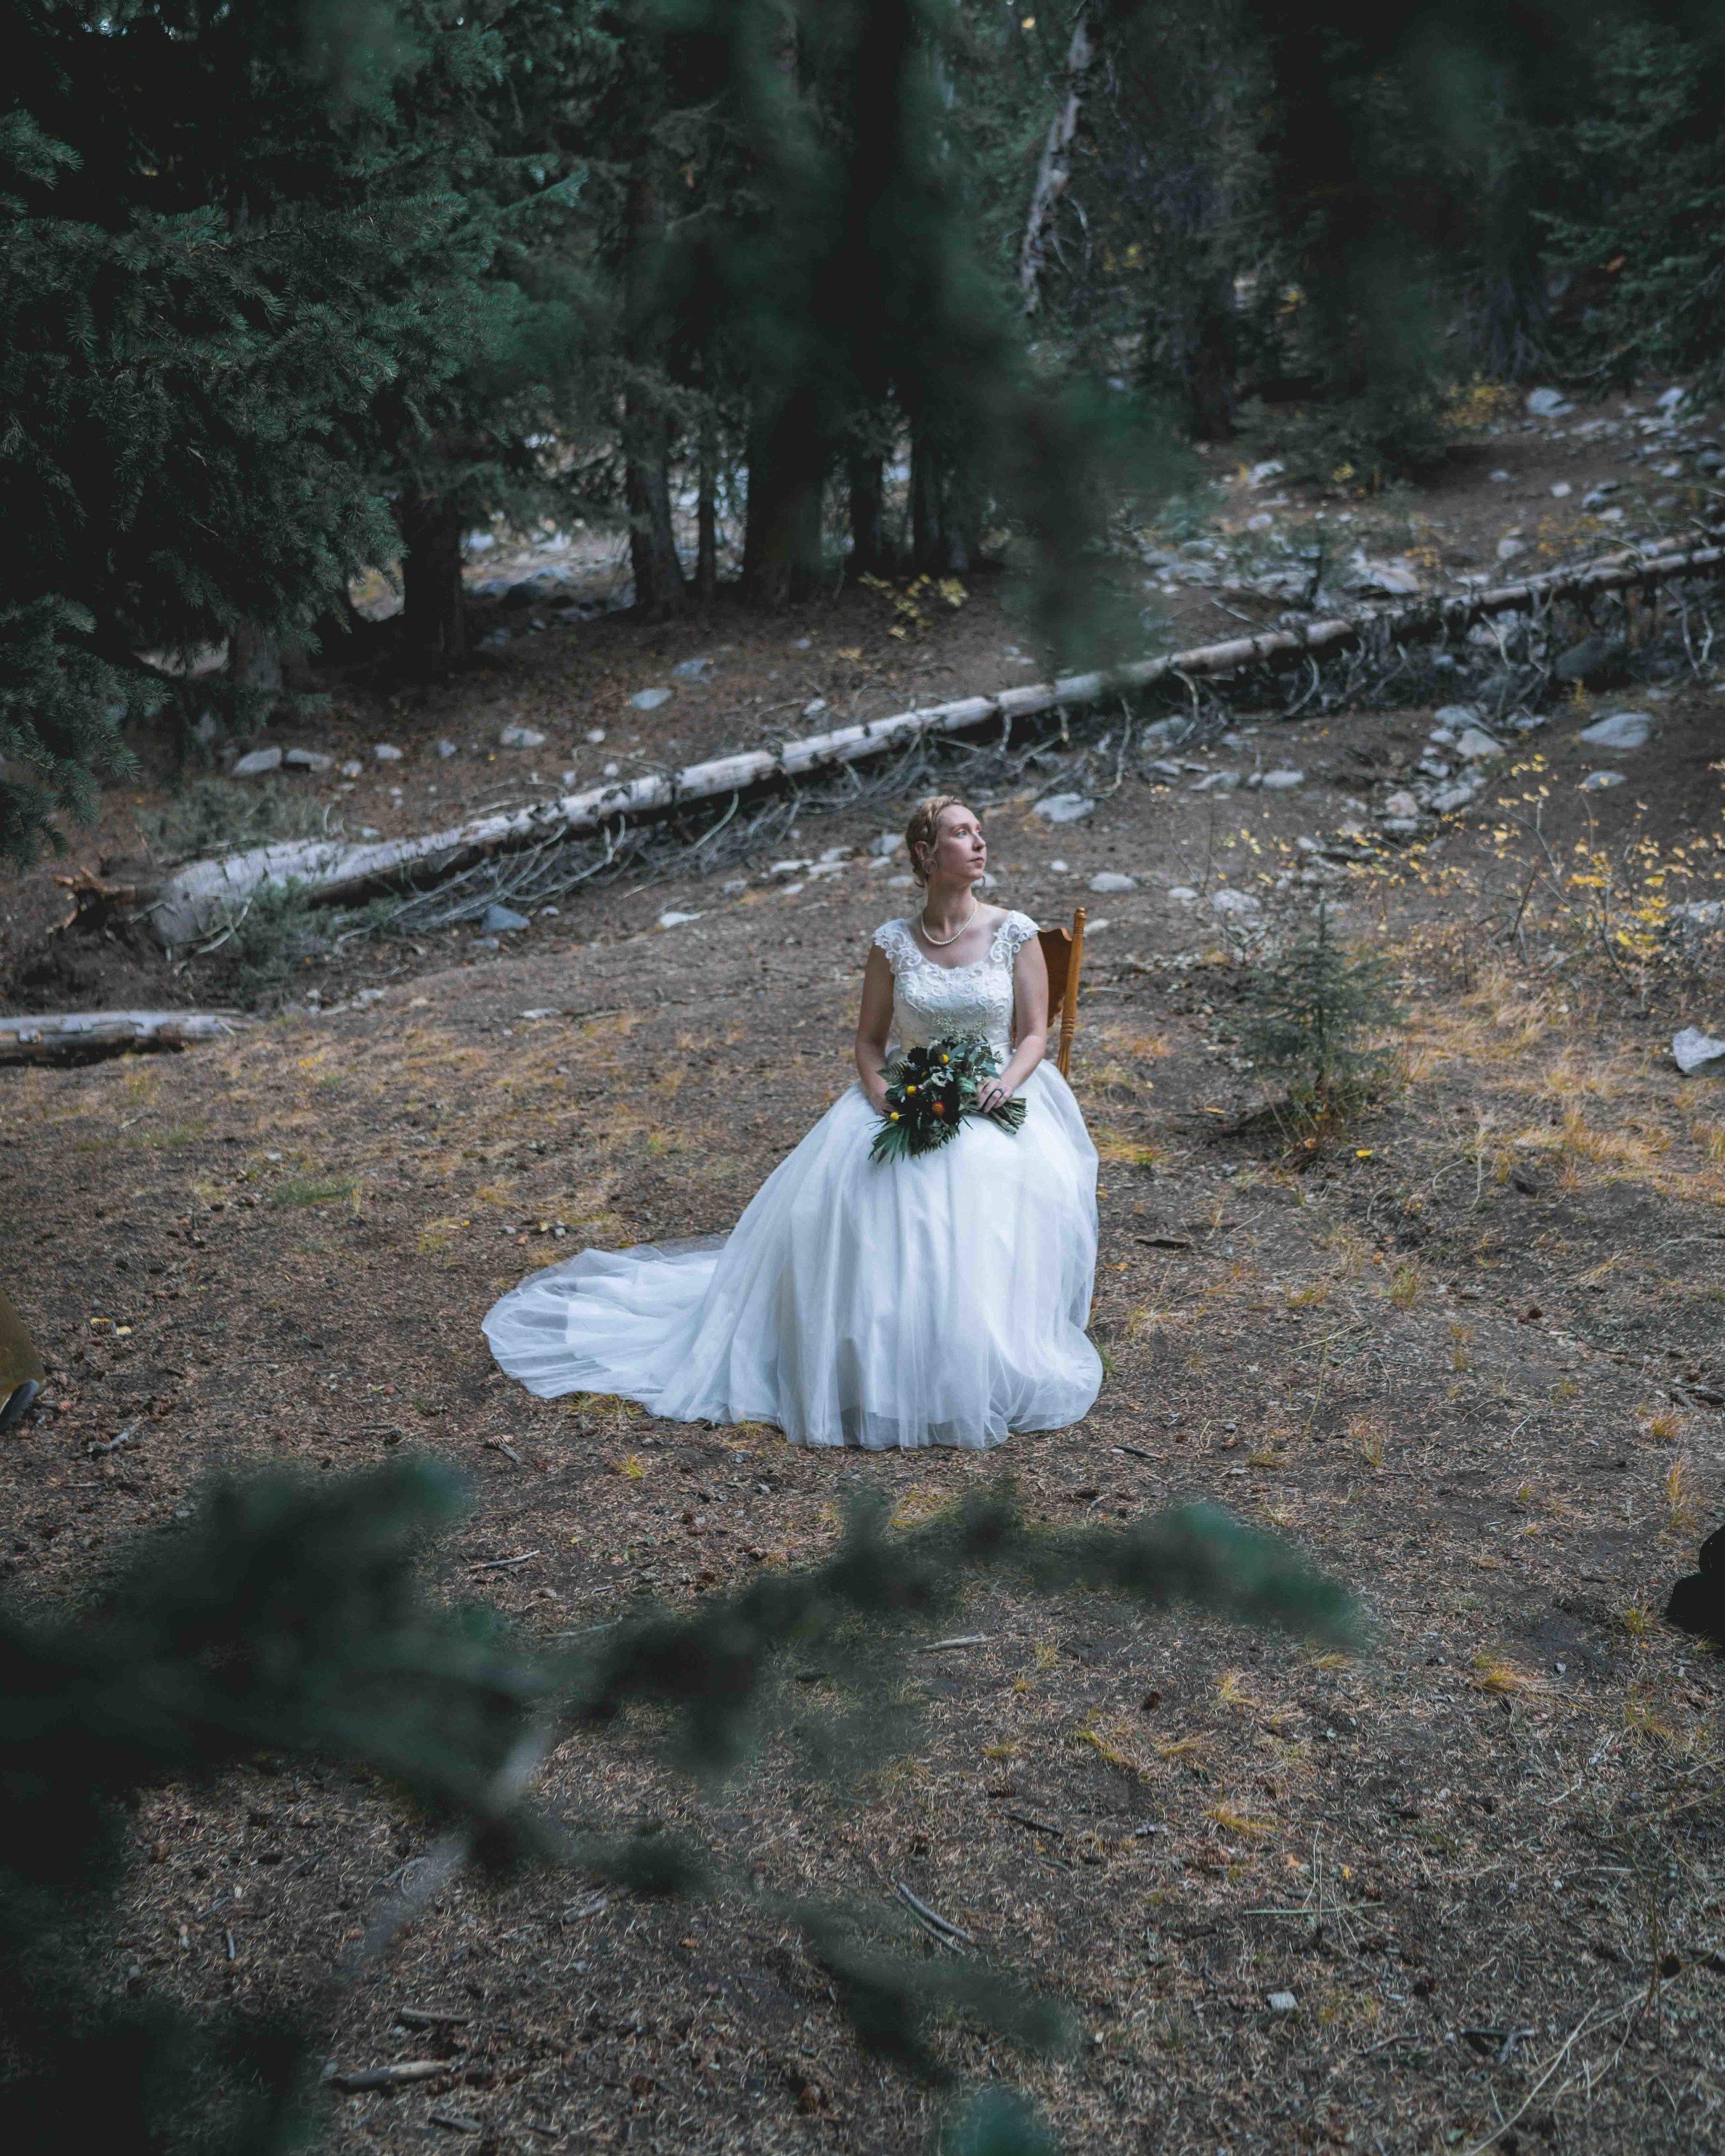 liz-bride (7 of 10).jpg